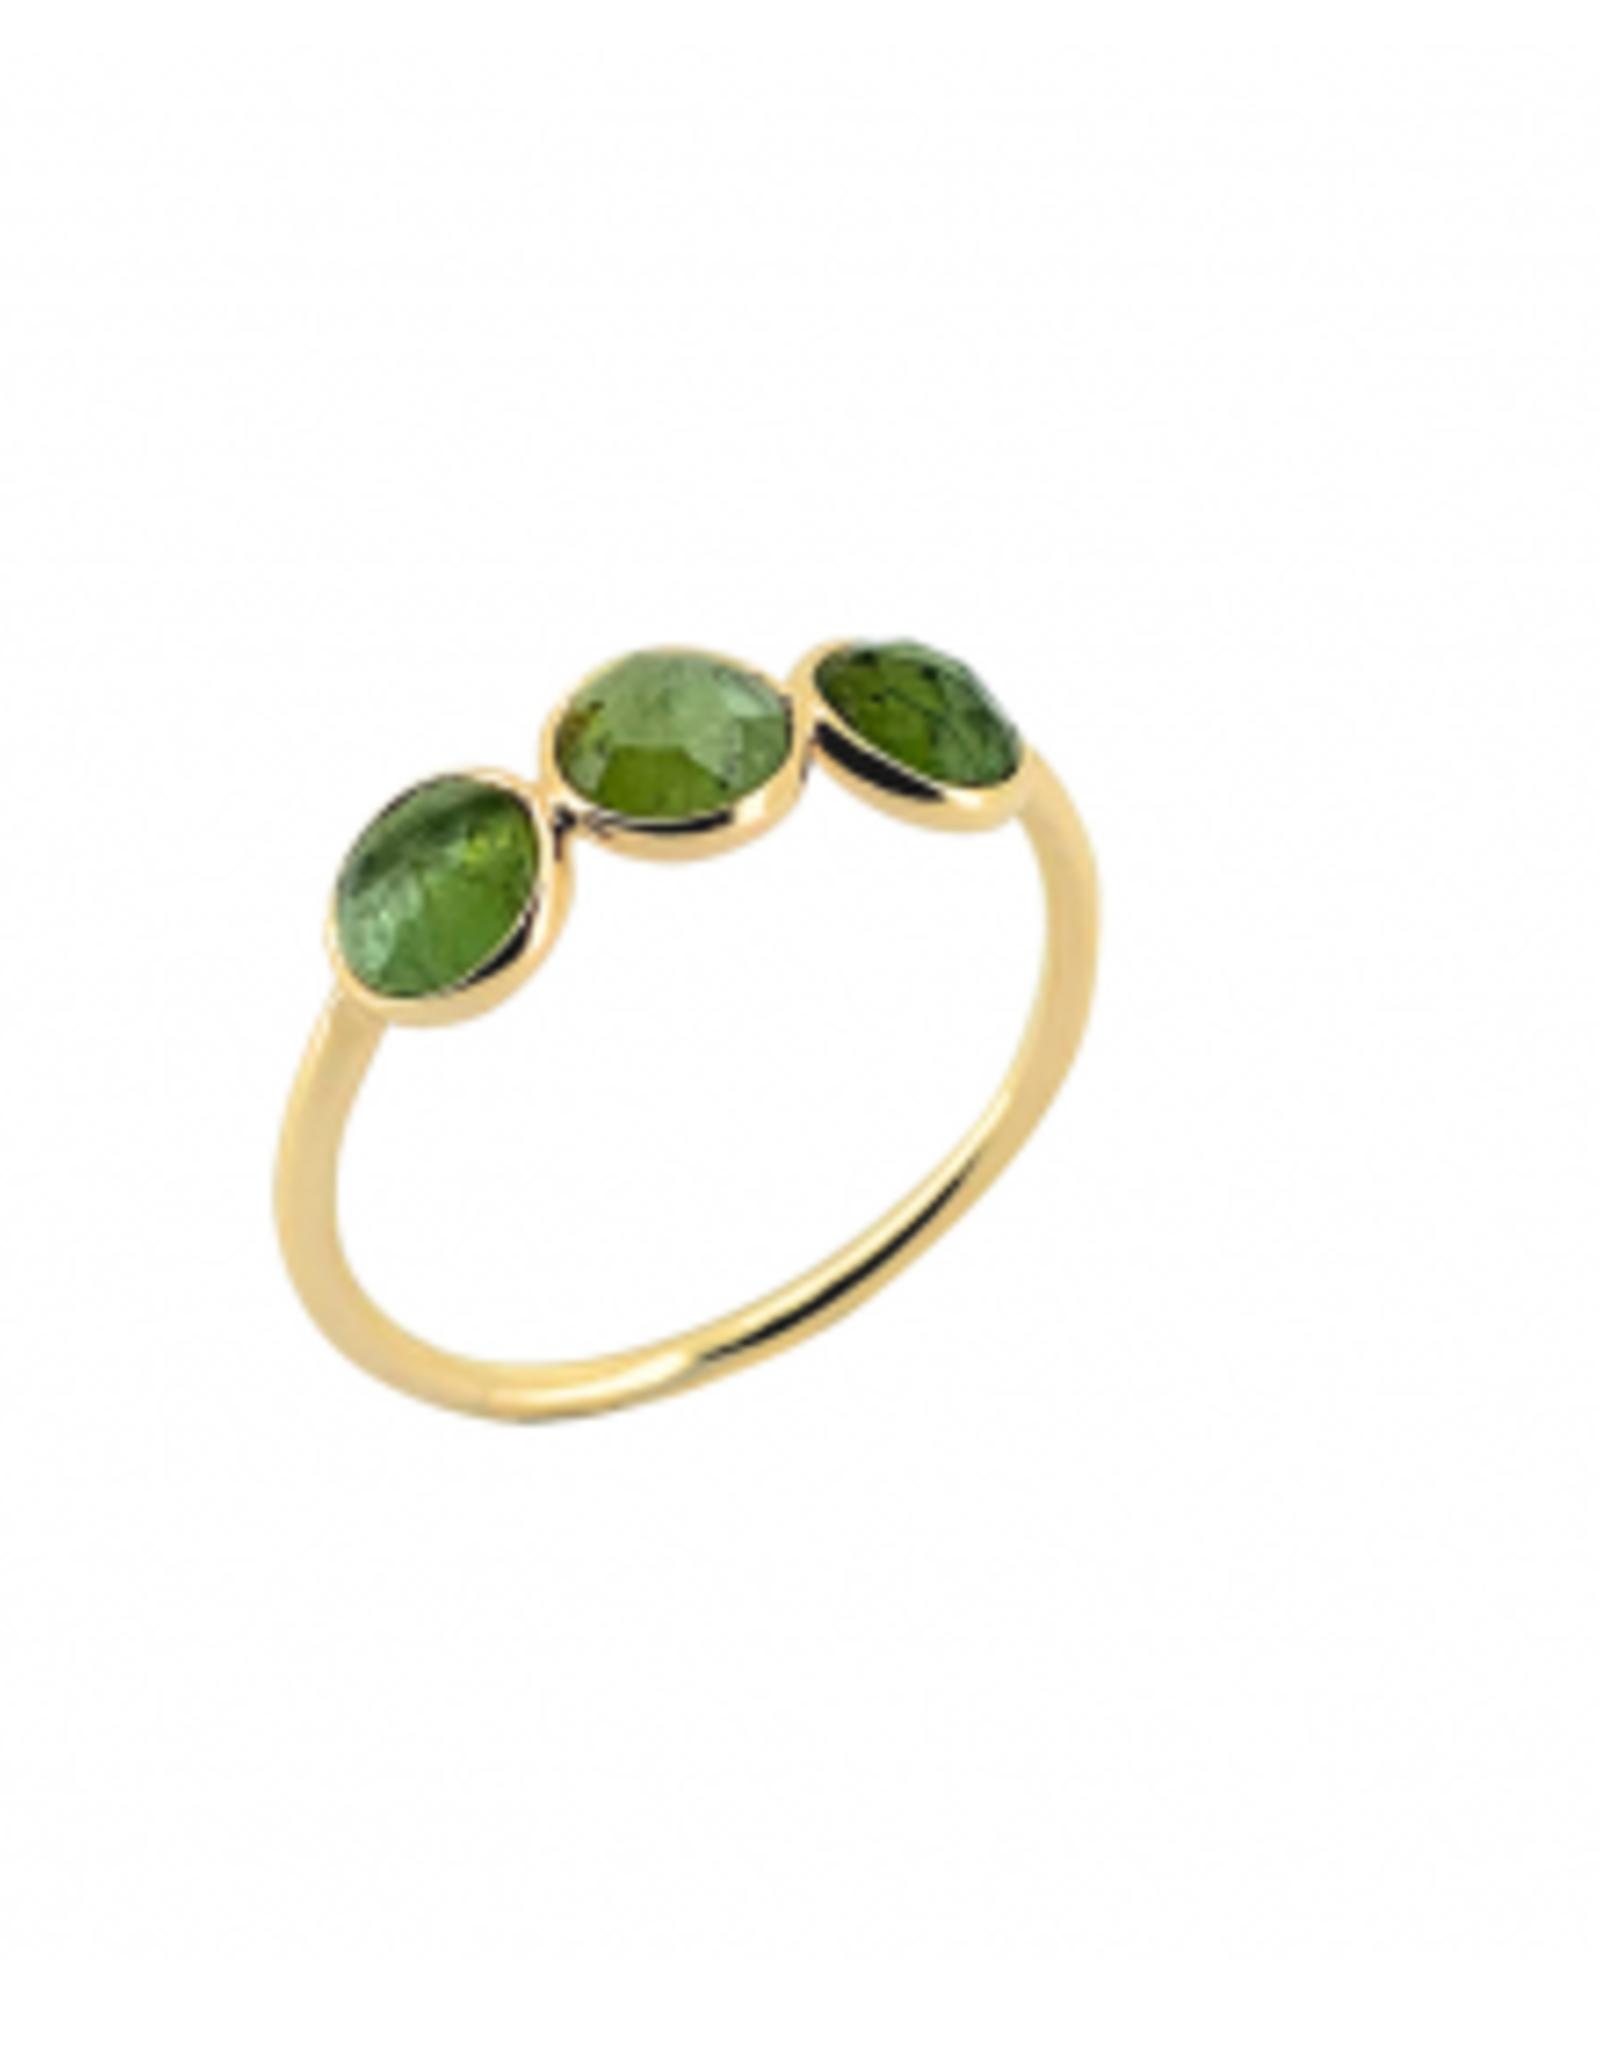 Sophie Deschamps Ring tourmaline green size 54